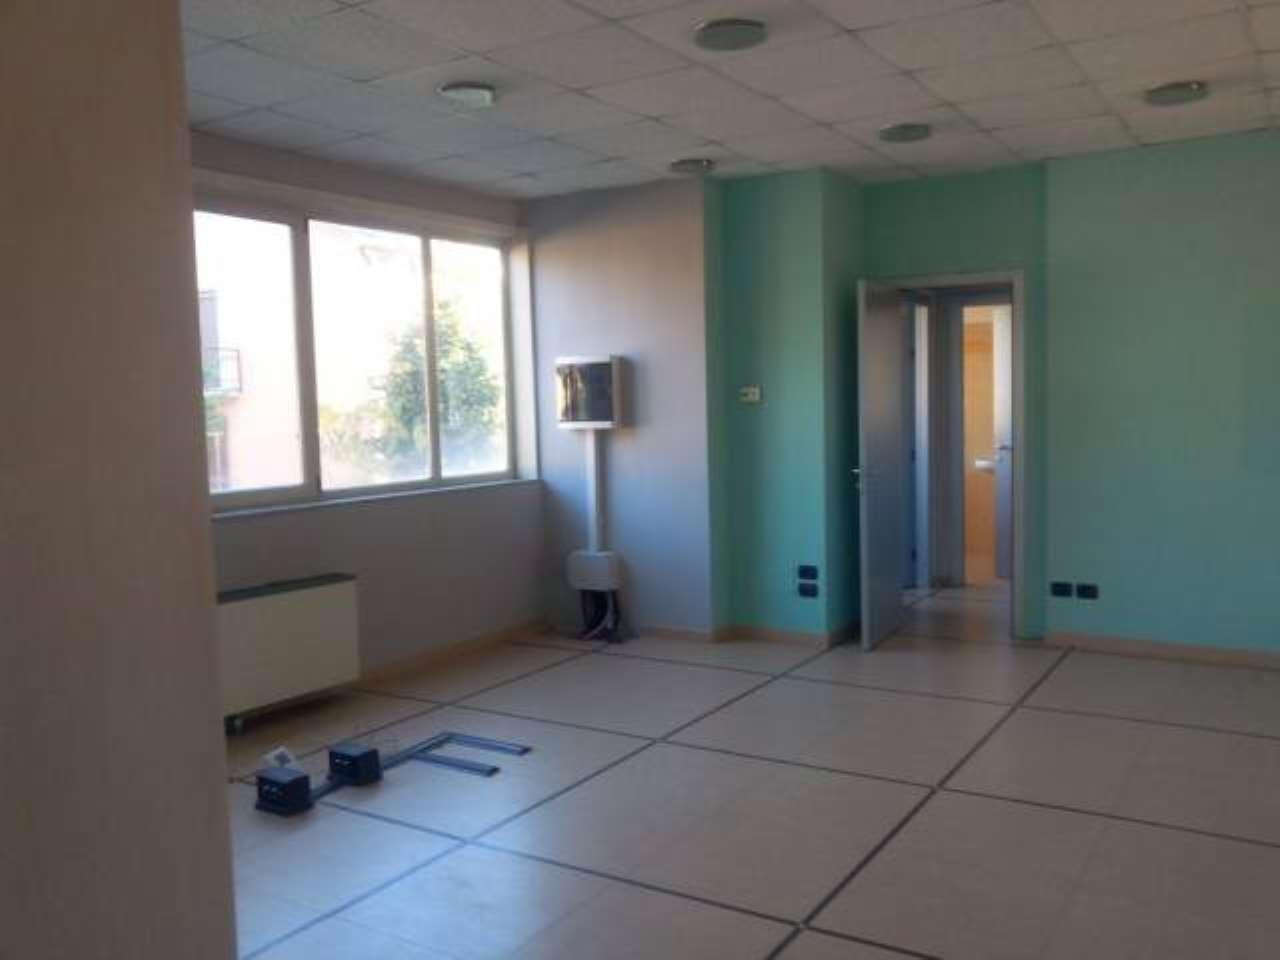 Ufficio / Studio in affitto a Trezzano Rosa, 2 locali, prezzo € 2.000 | PortaleAgenzieImmobiliari.it